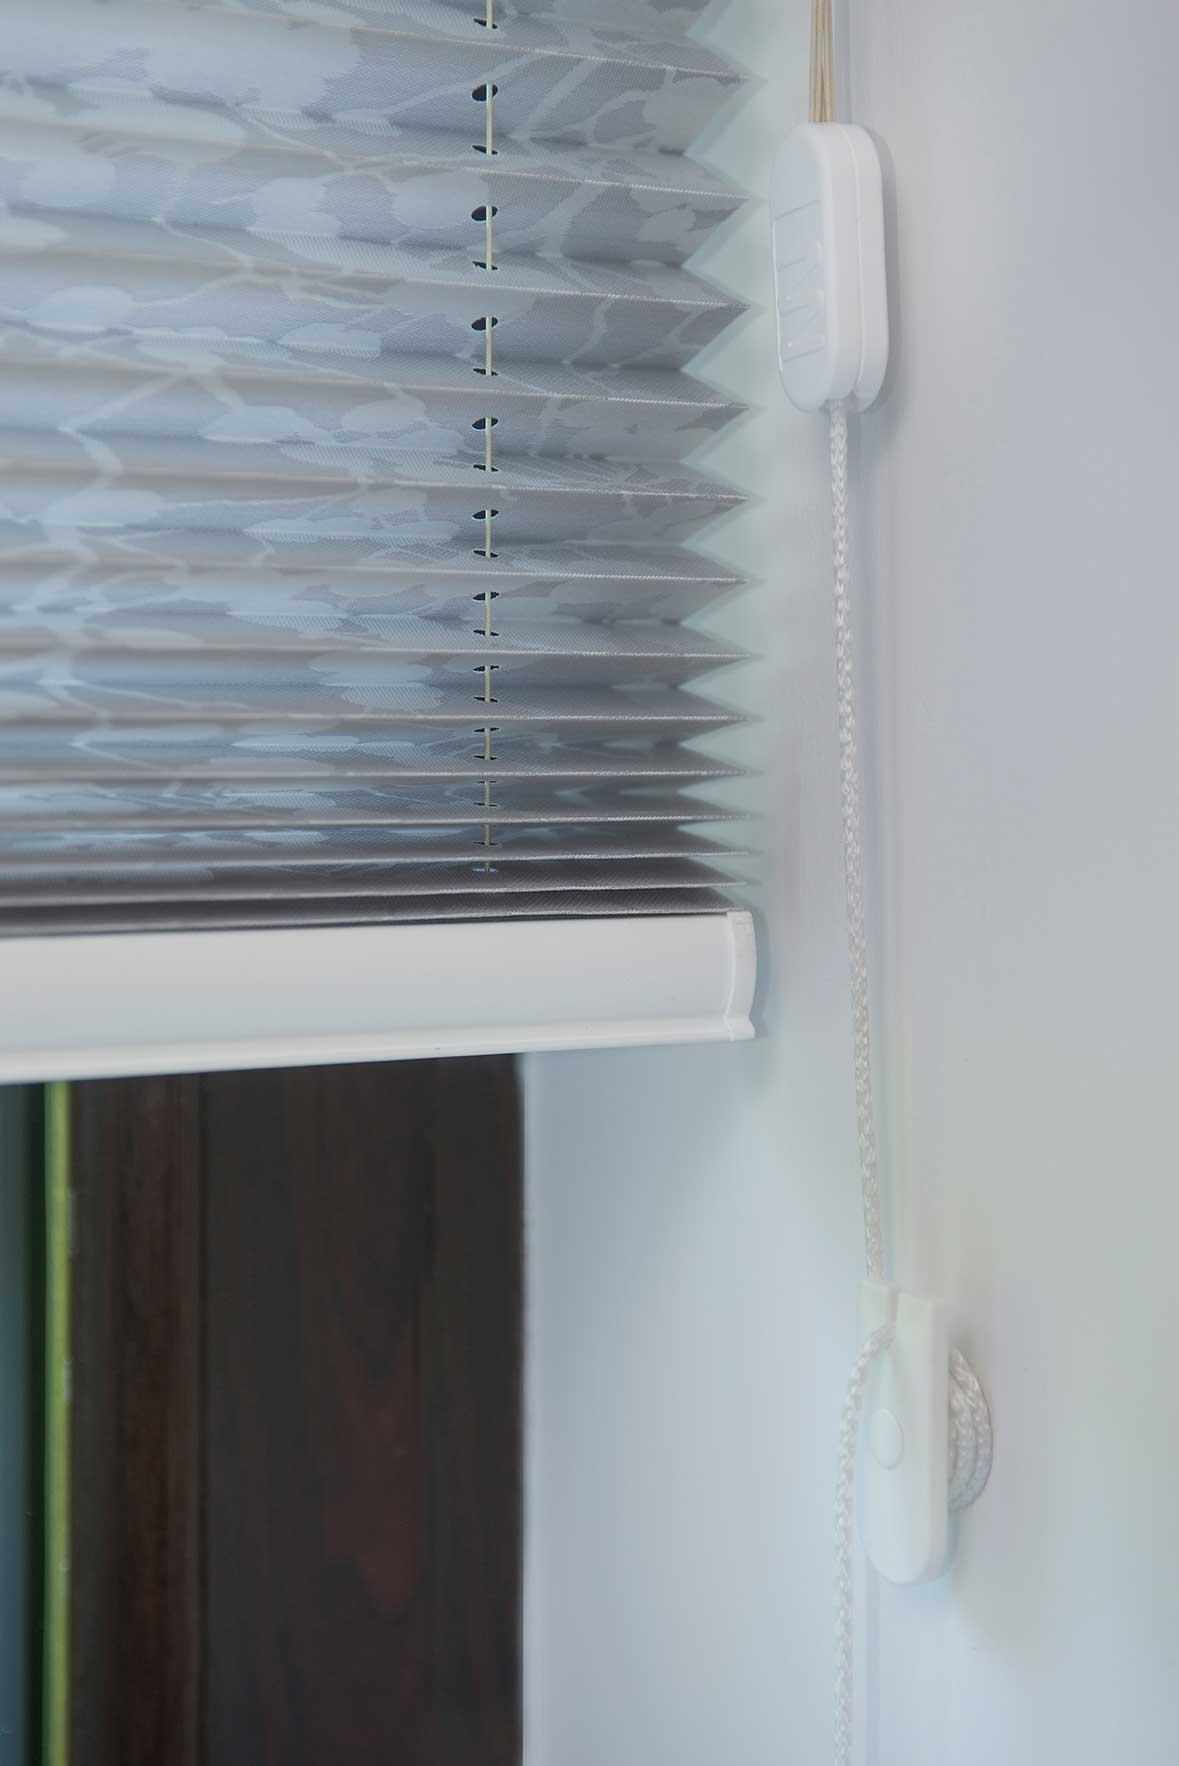 Child safe blinds